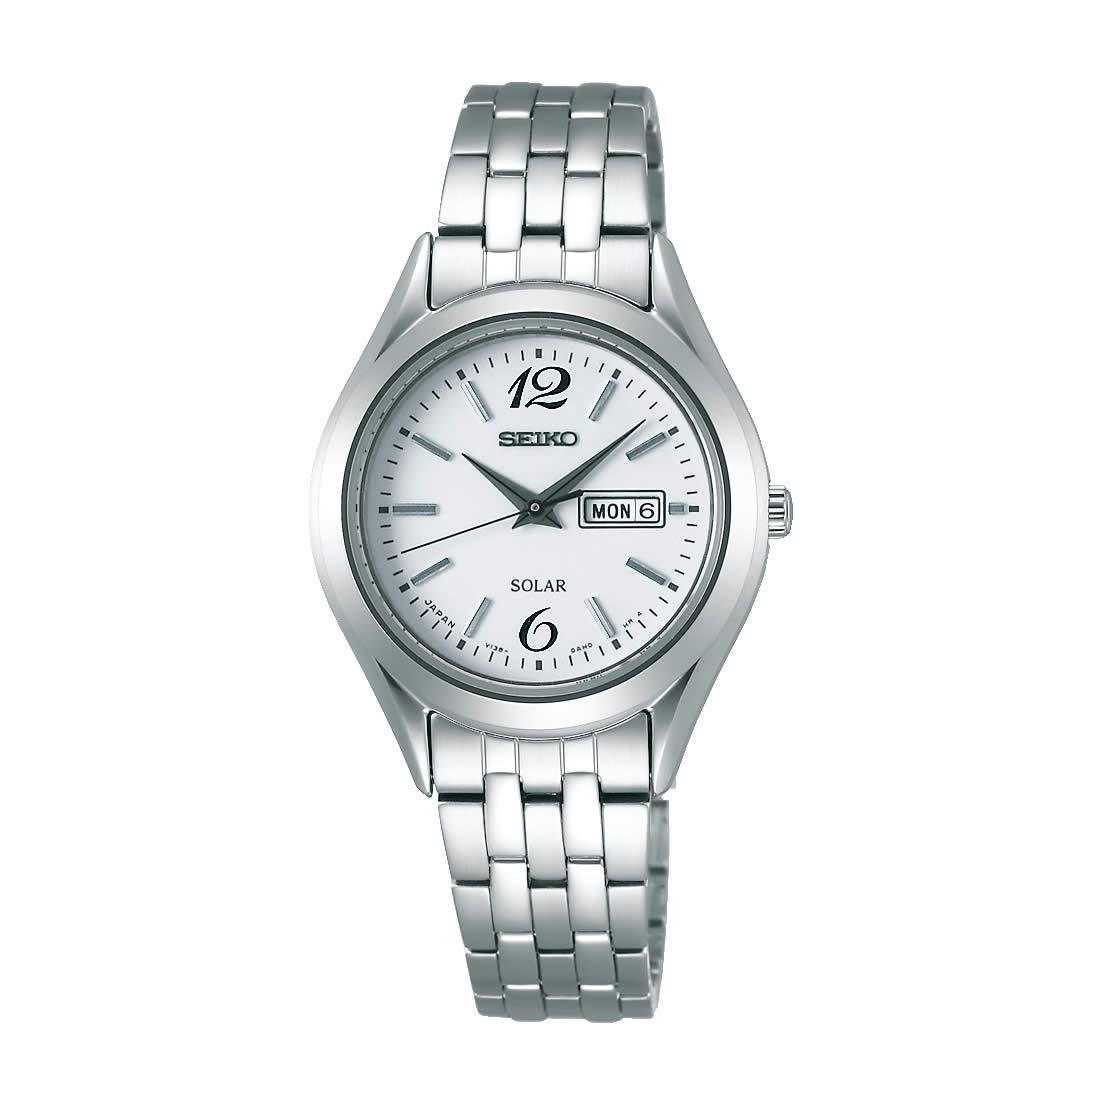 【送料無料】【国内正規品】セイコー スピリット SEIKO SPIRIT 腕時計 ソーラー レディース STPX027 日常生活用防水 ビジネス シンプル ソーラー腕時計 きれいめ 人気 うでどけい とけい WATCH 時計【取り寄せ】